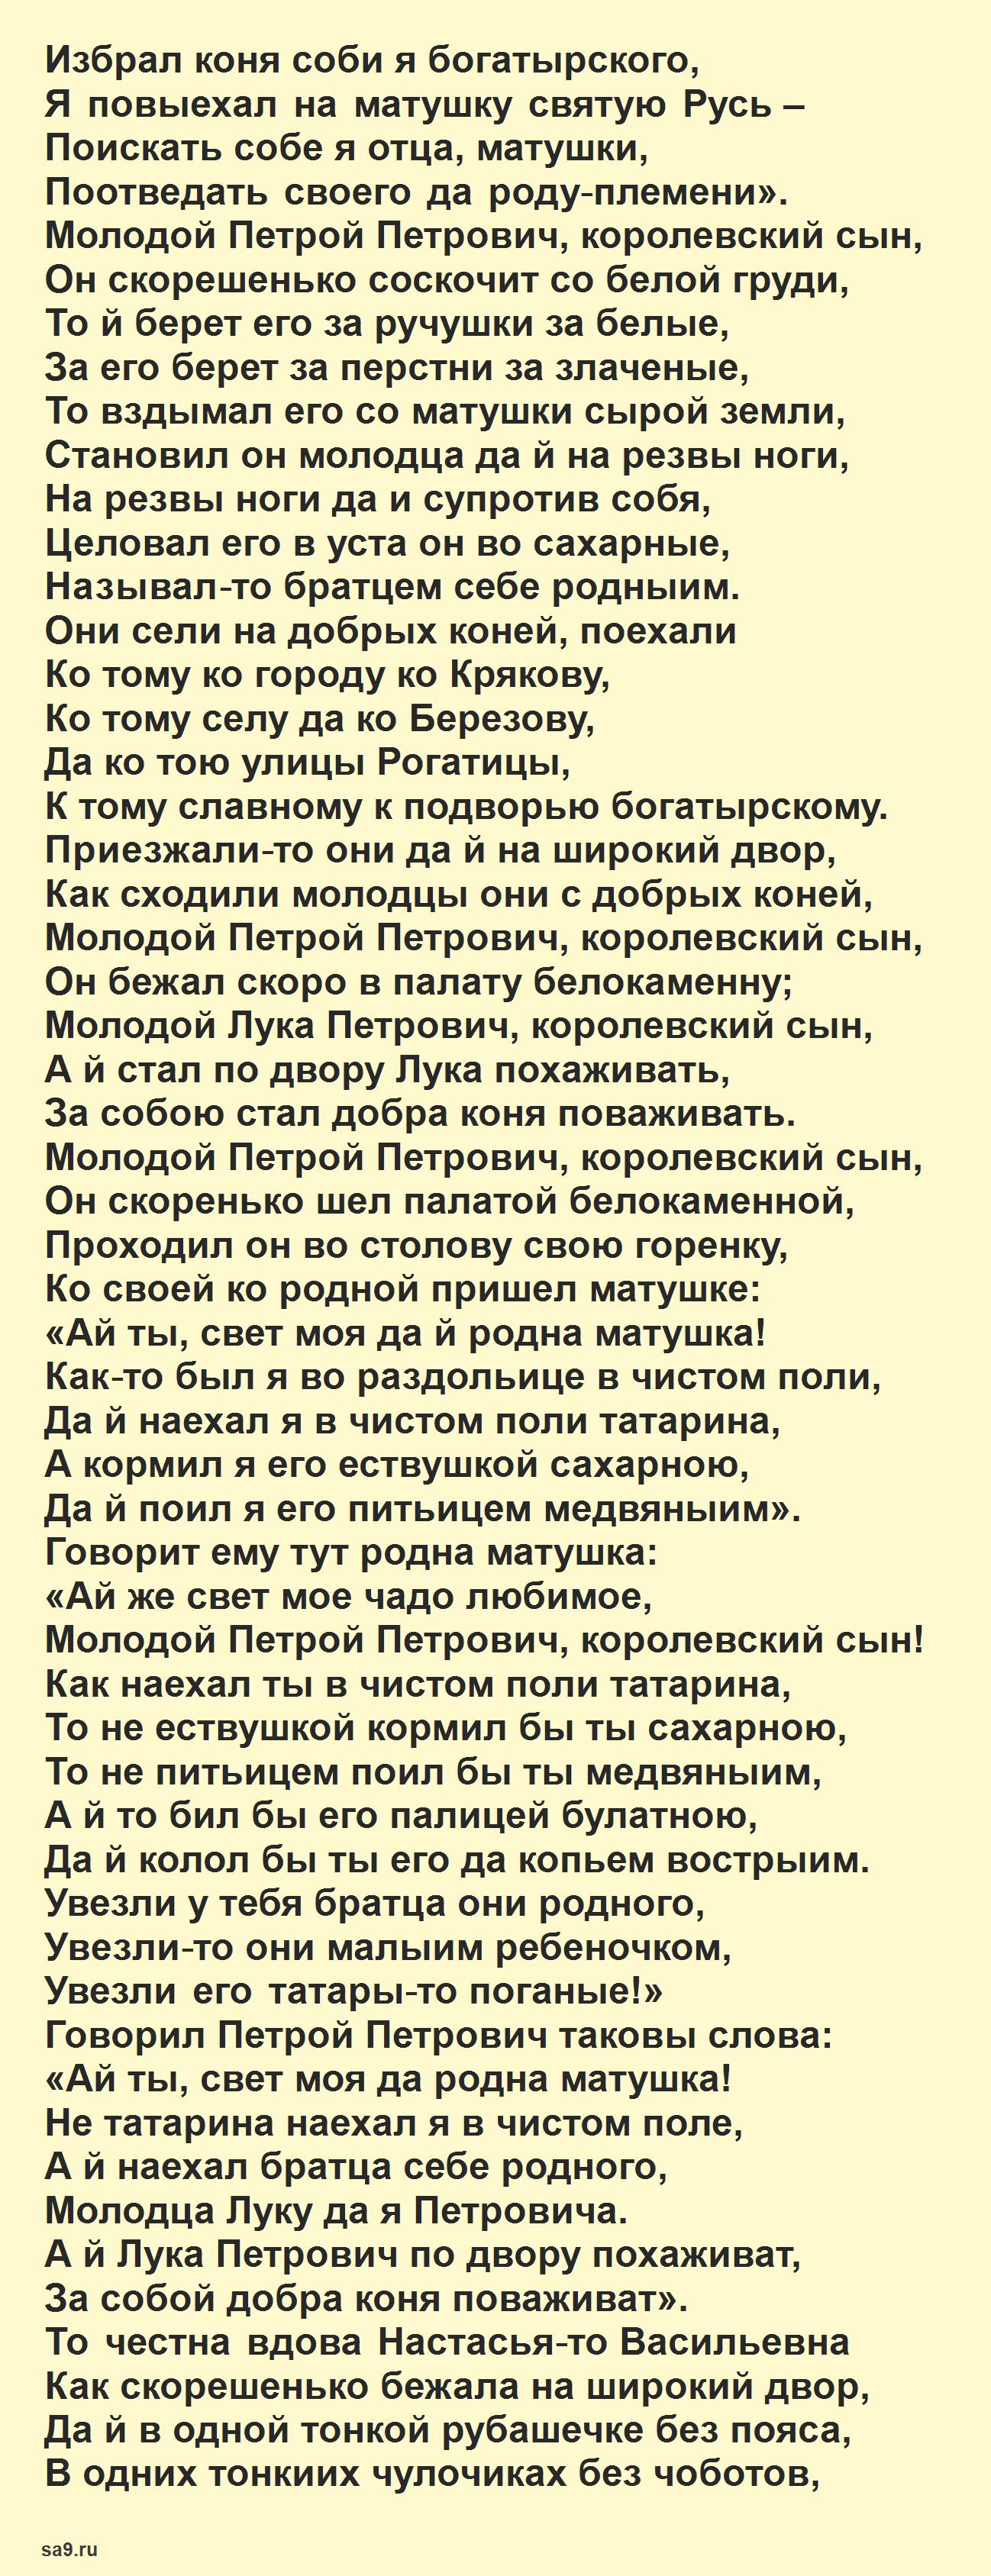 Читать былину - Королевичи из Крякова